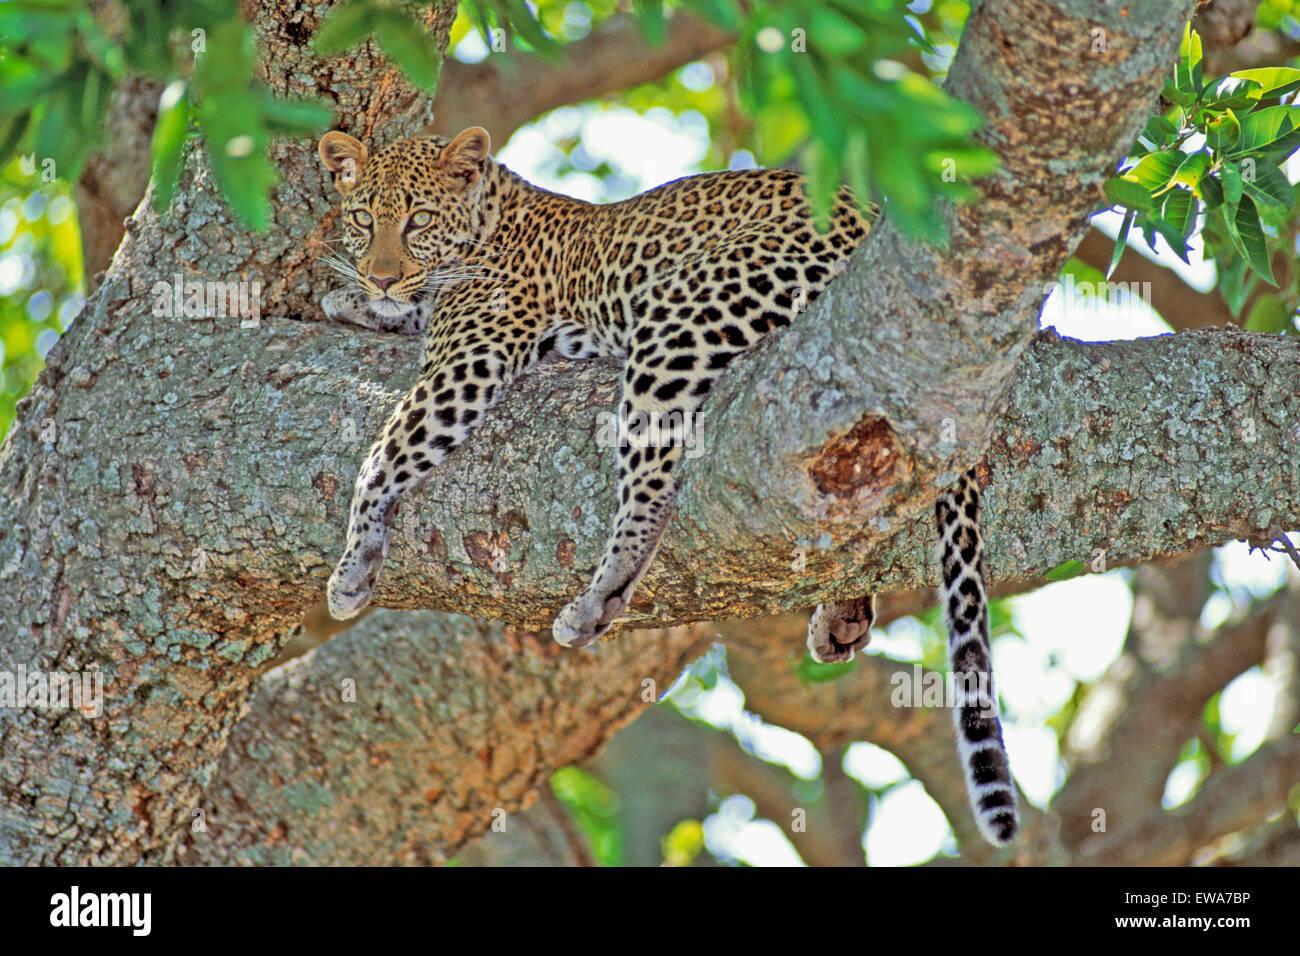 Leopardo africano descansando en el árbol,Masai Mara,Africa Imagen De Stock